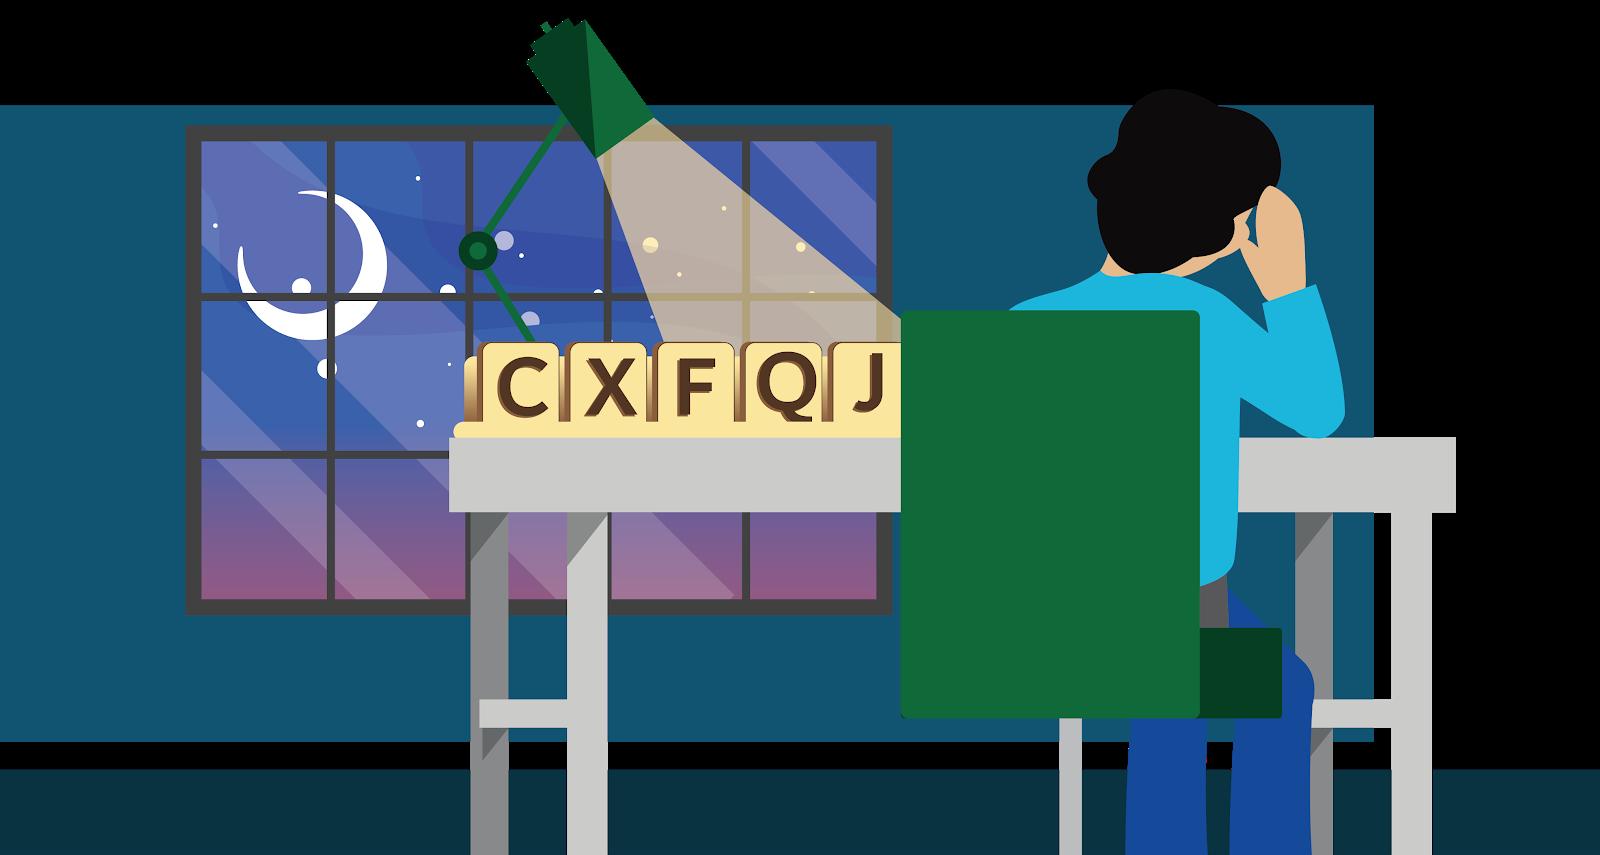 スクラブルの大きな文字 CXFQJ を見ながらデスクに座る人物